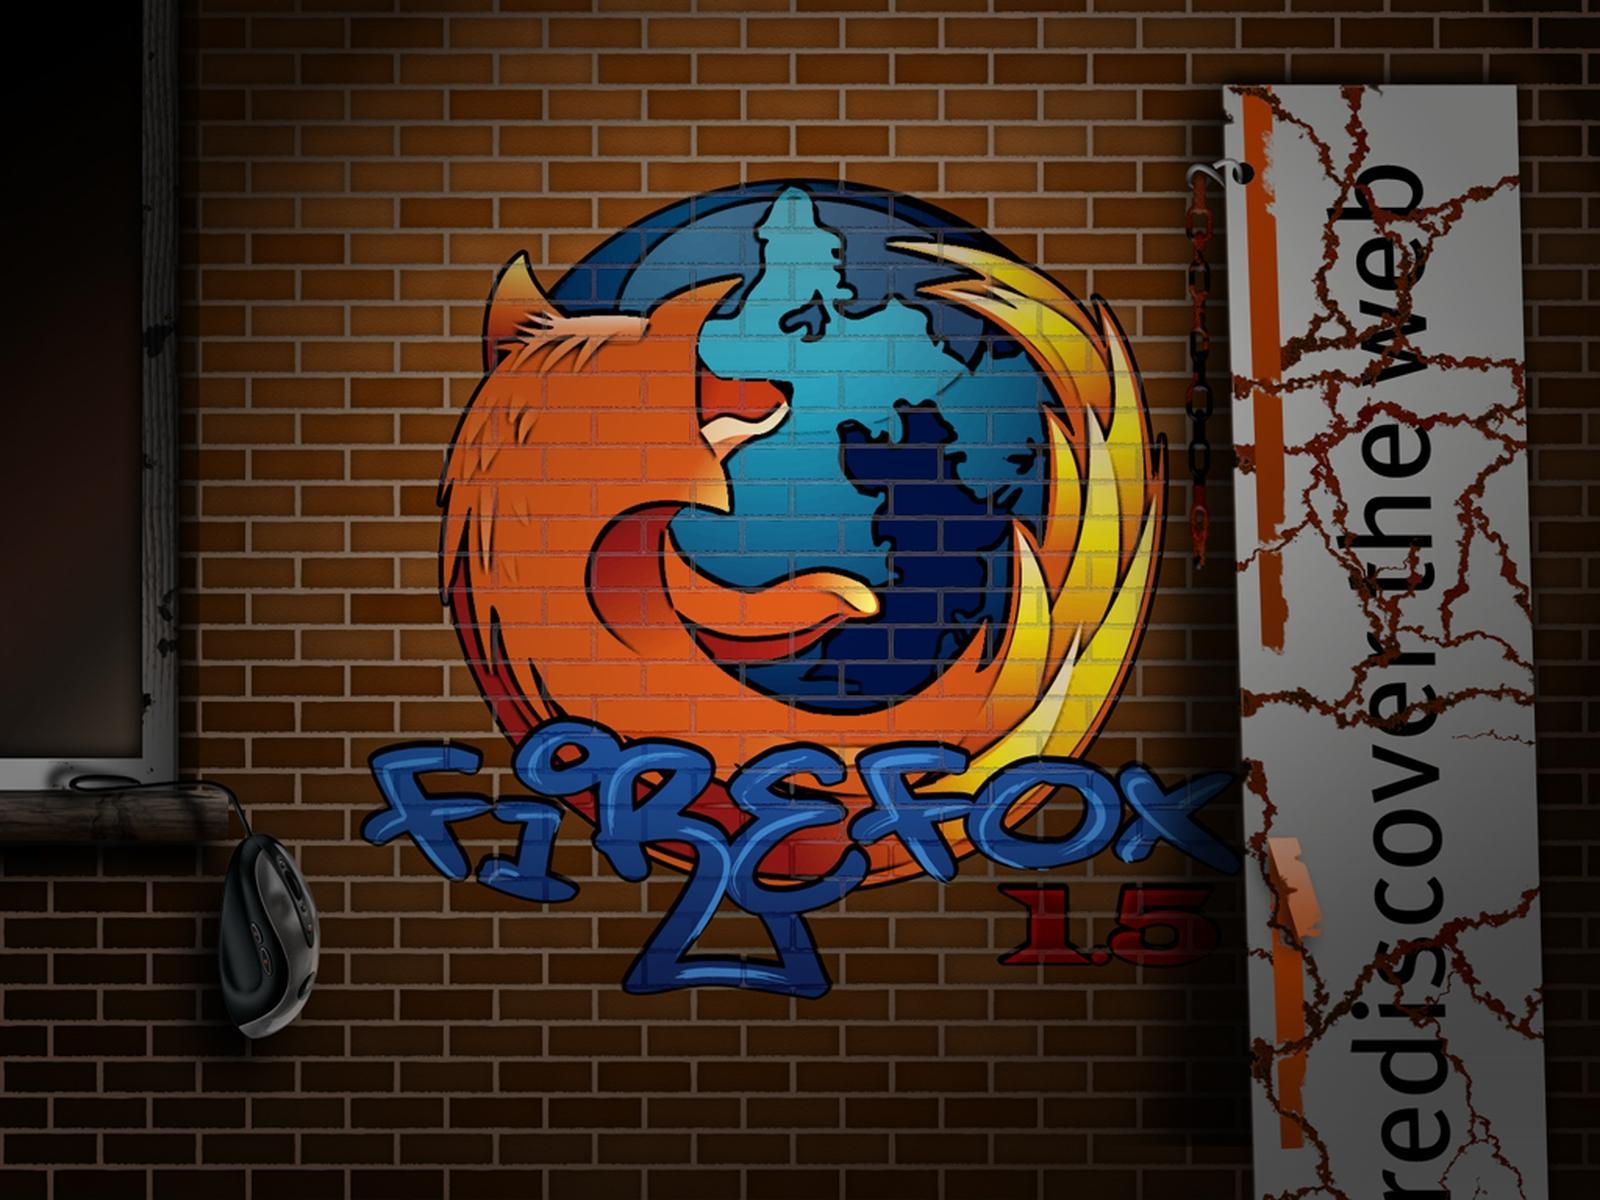 http://3.bp.blogspot.com/-cSBaM7Zc4v8/Tc4NRhZpbjI/AAAAAAAACgI/X7WwtQOEOHo/s1600/Firefox++%25282%2529.jpg